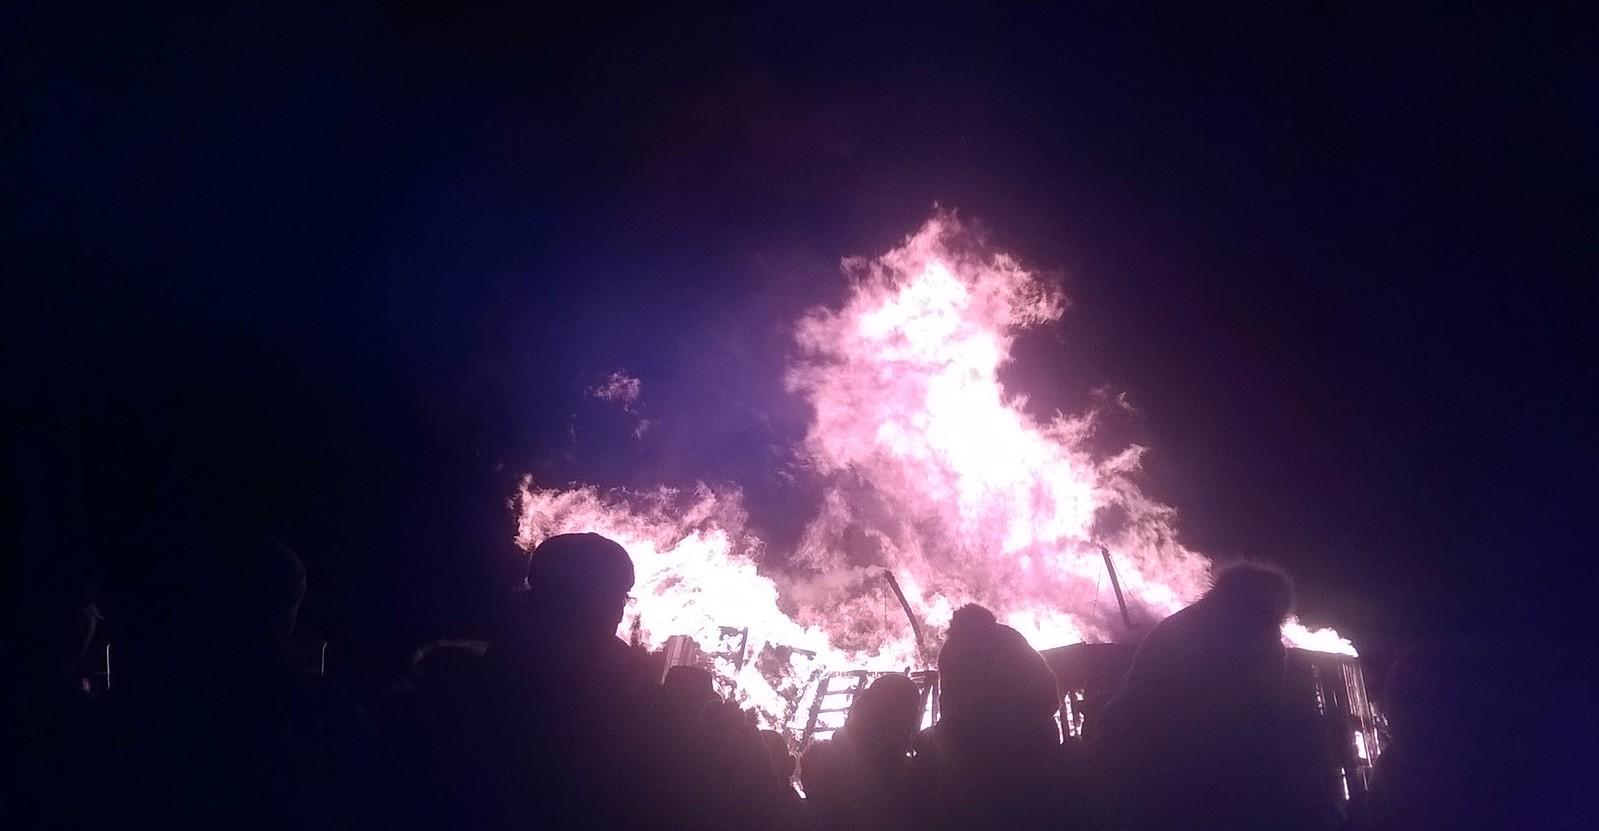 Wadhurst bonfire aflame